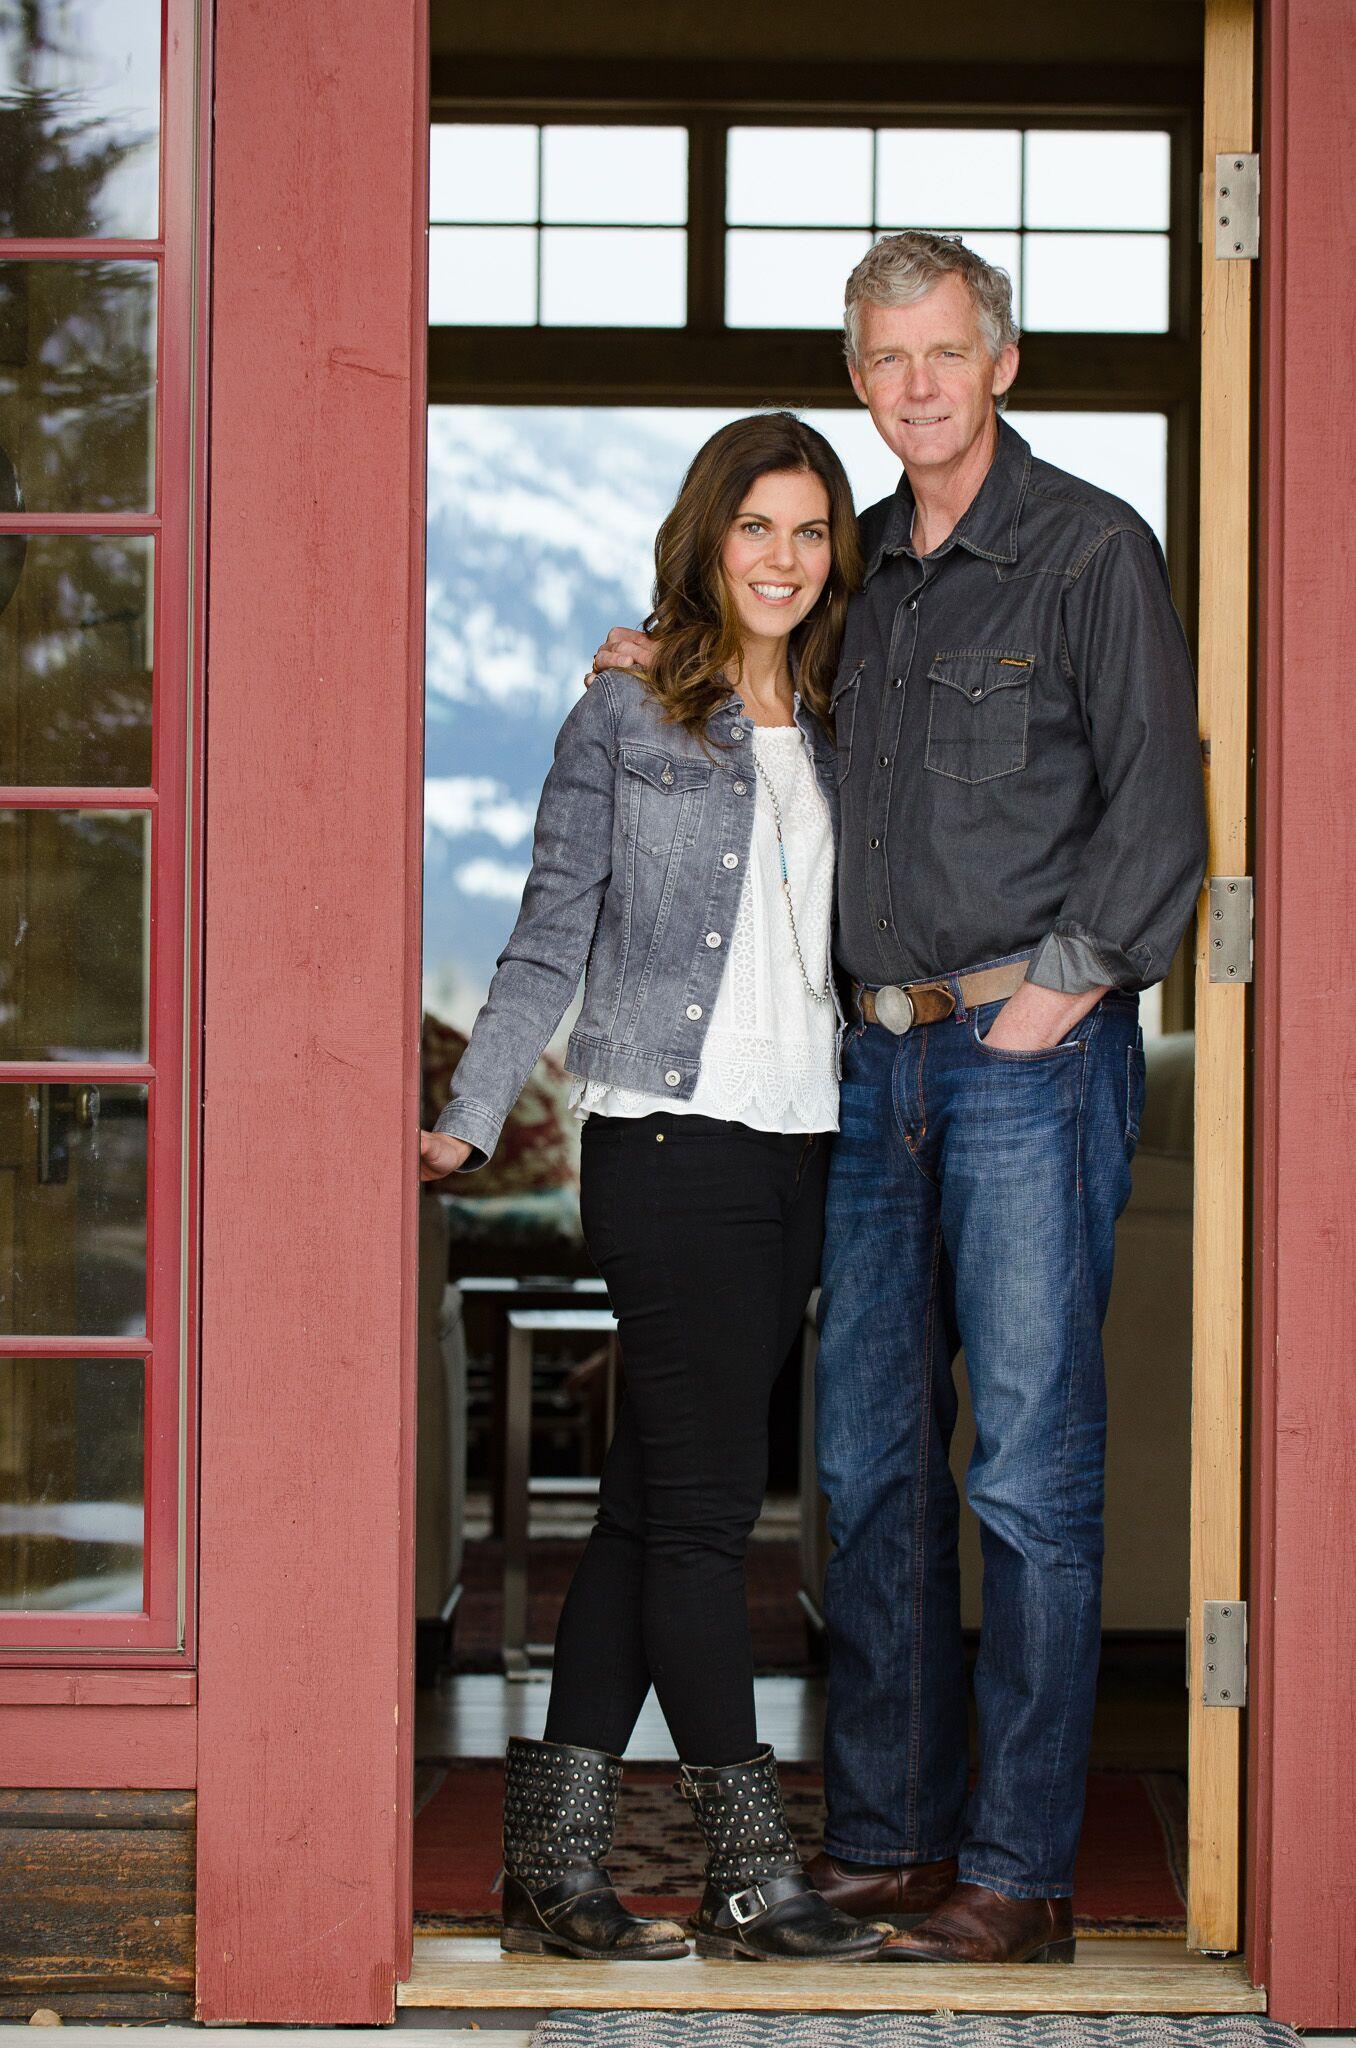 Dave & Wendy